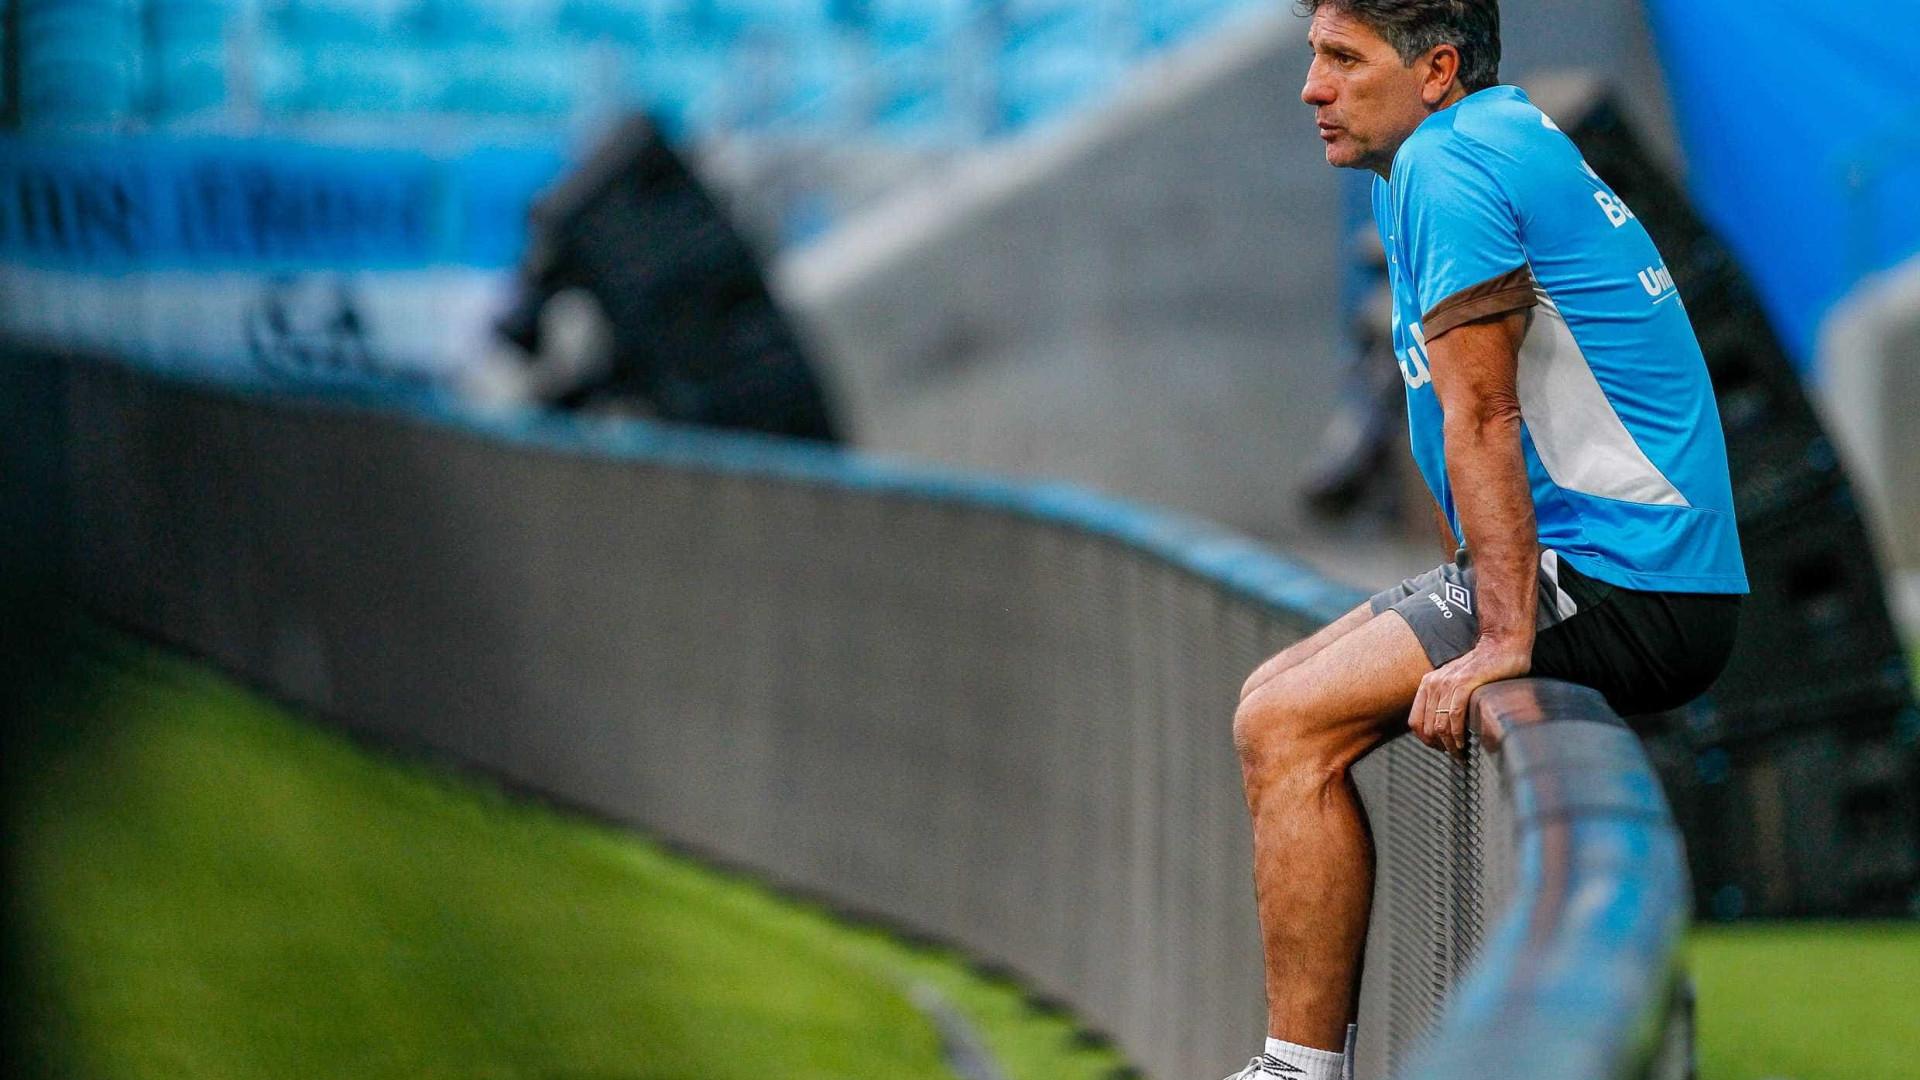 Grêmio faz novo acordo com Lanús e abre venda de mais mil ingressos 60a00bd2c3249